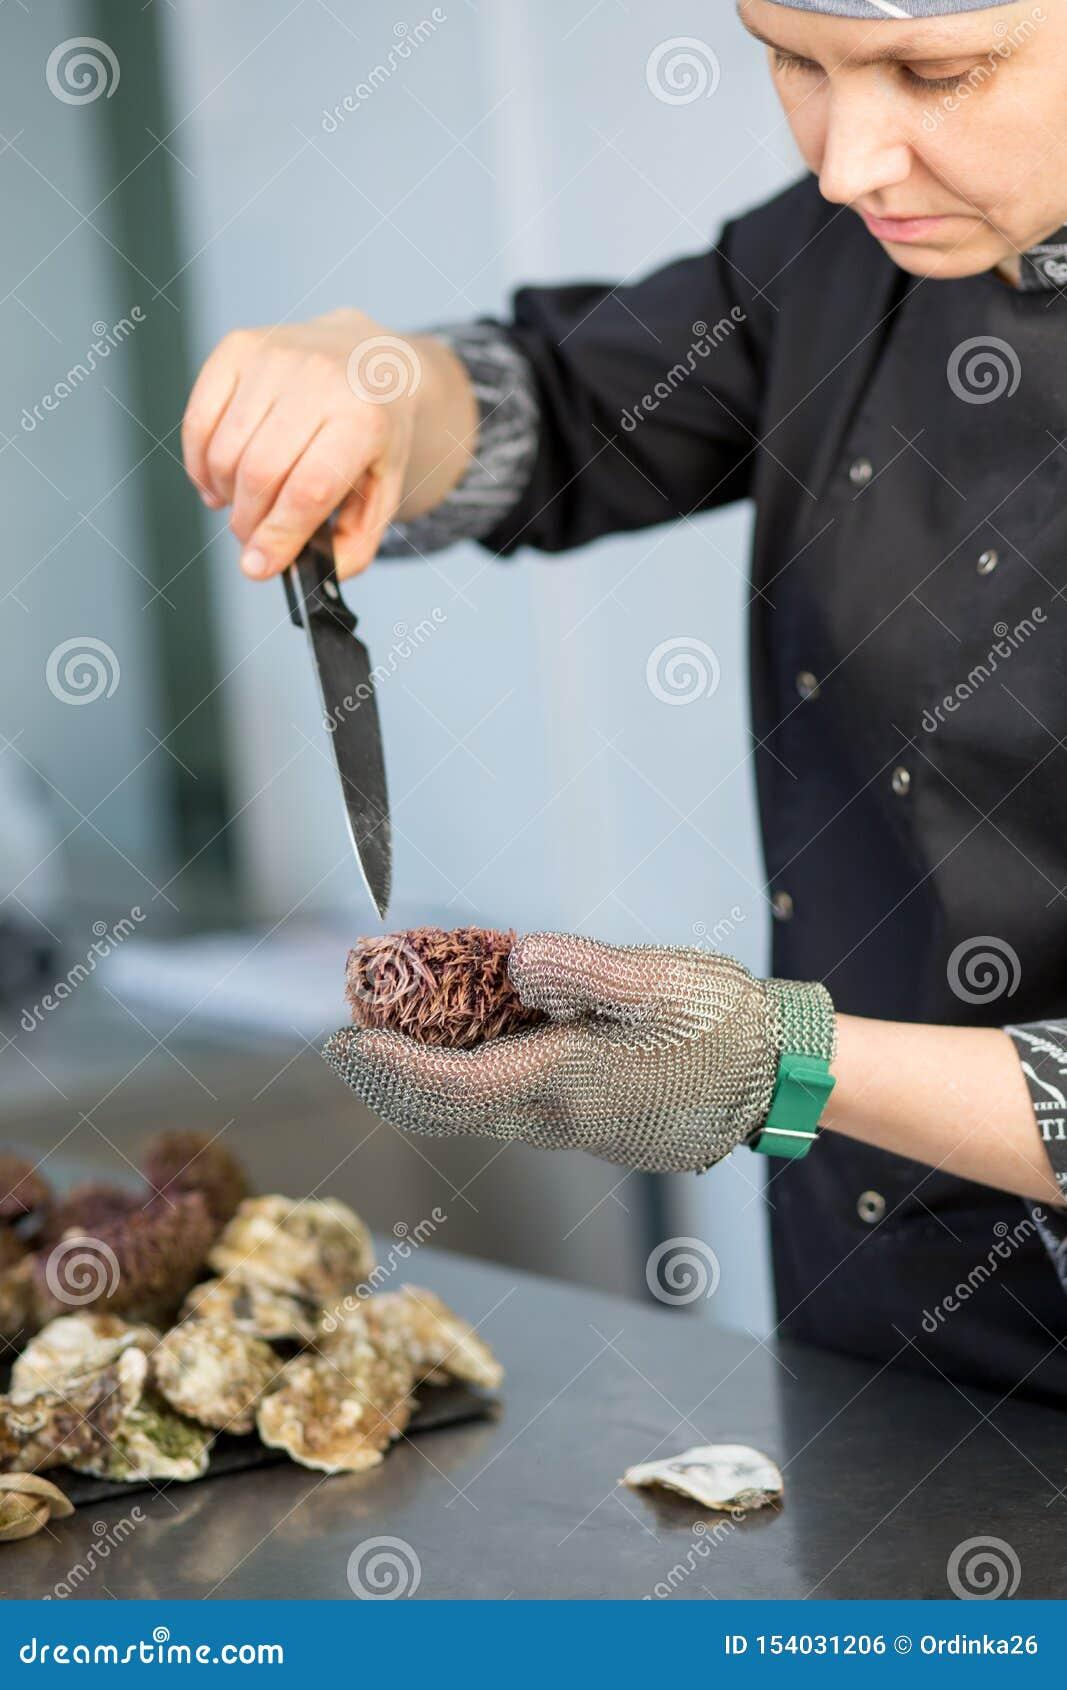 Hoofdklasse De chef-kok snijdt zeeëgel in de keuken van een restaurant Close-up van een hand met een mes in een metaalhandschoen